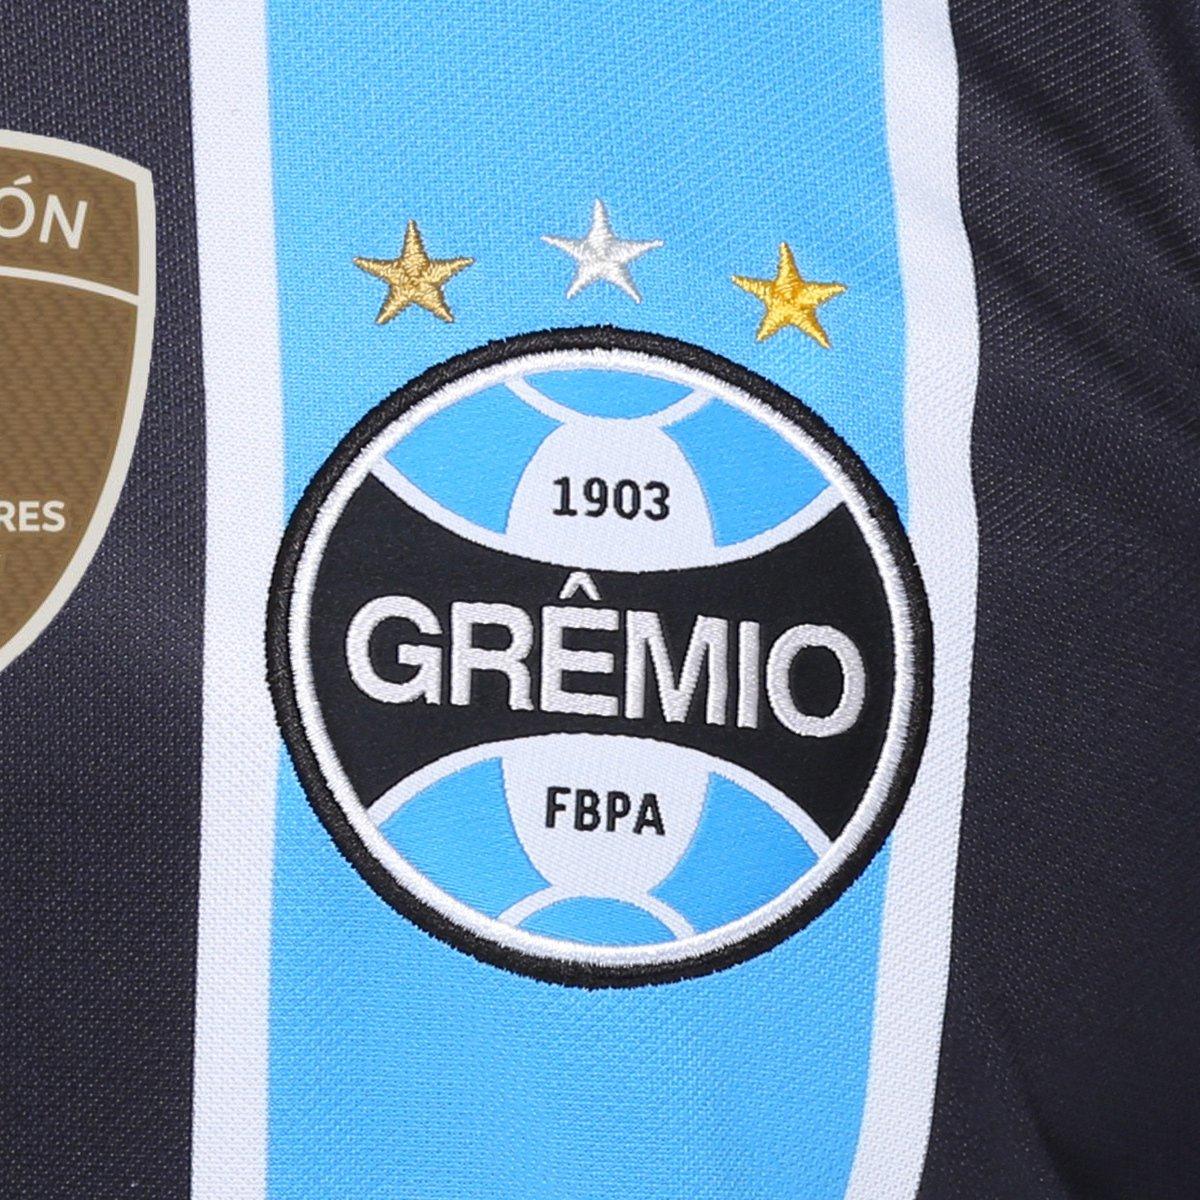 cb8b7194b8 ... Camisa Umbro Grêmio I 17 18 S Nº - Torcedor - Patch Campeão libertadores  ...